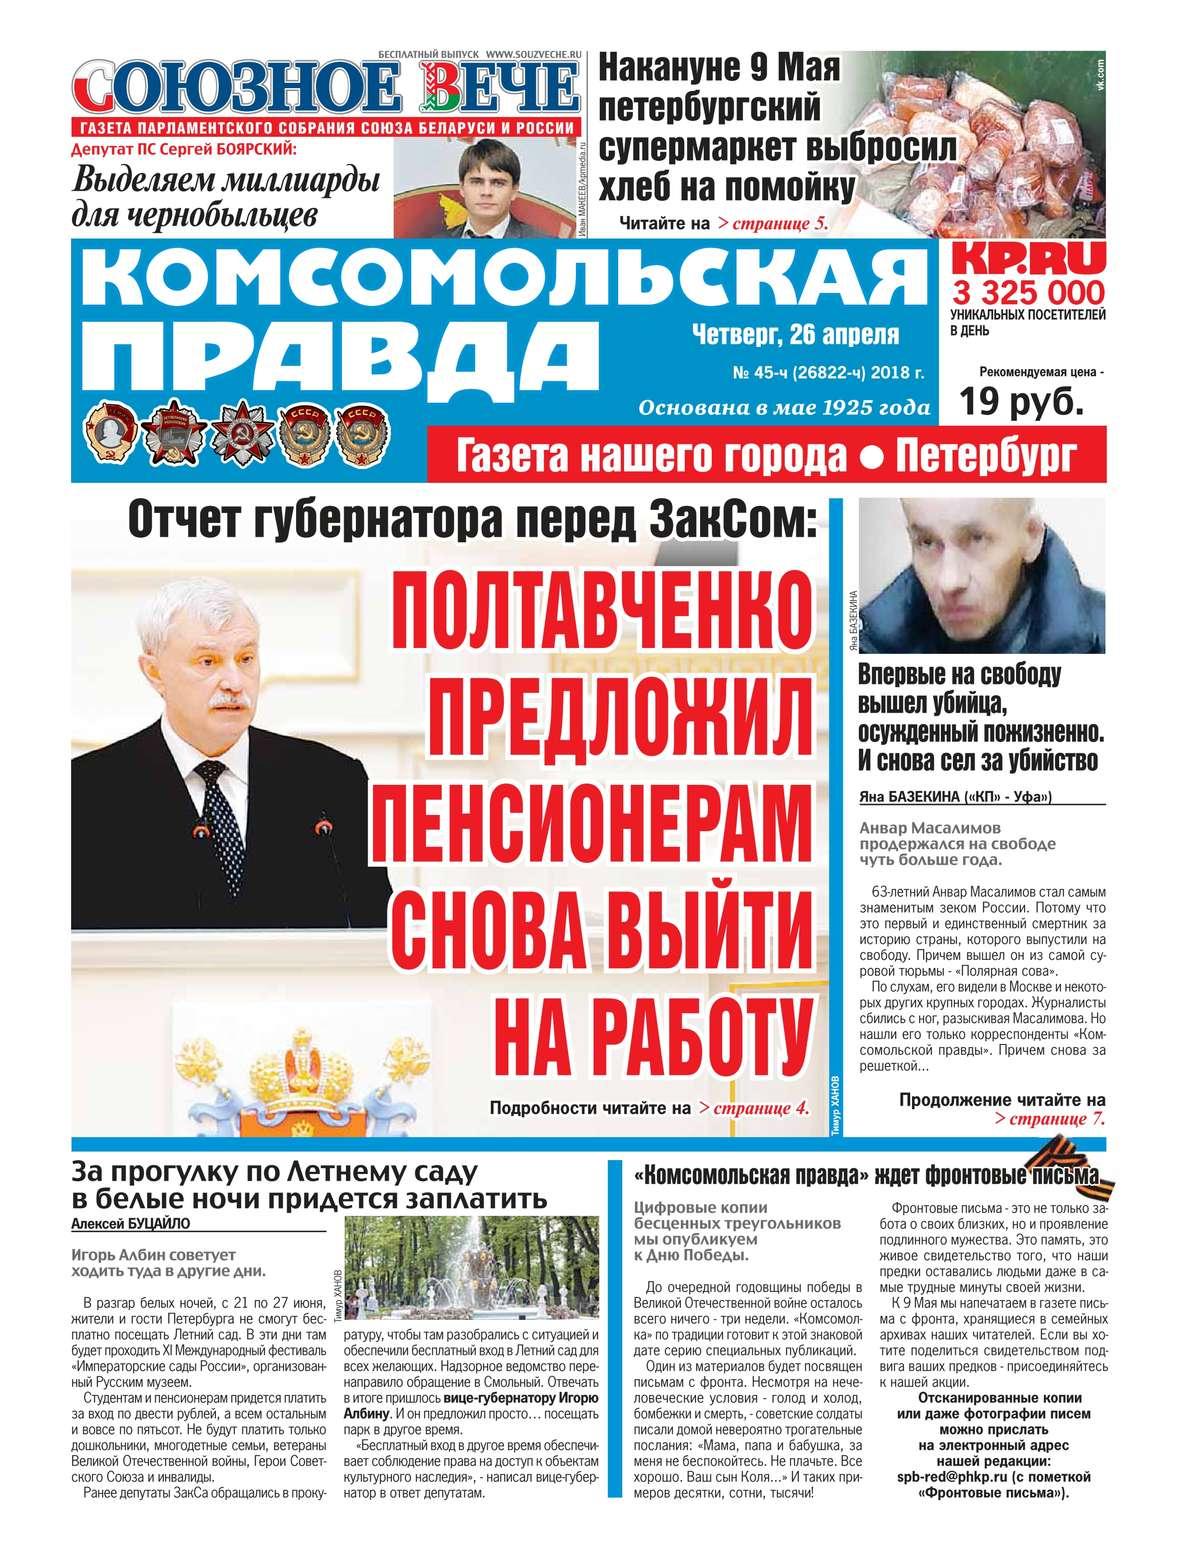 Комсомольская Правда. Санкт-Петербург 45ч-2018